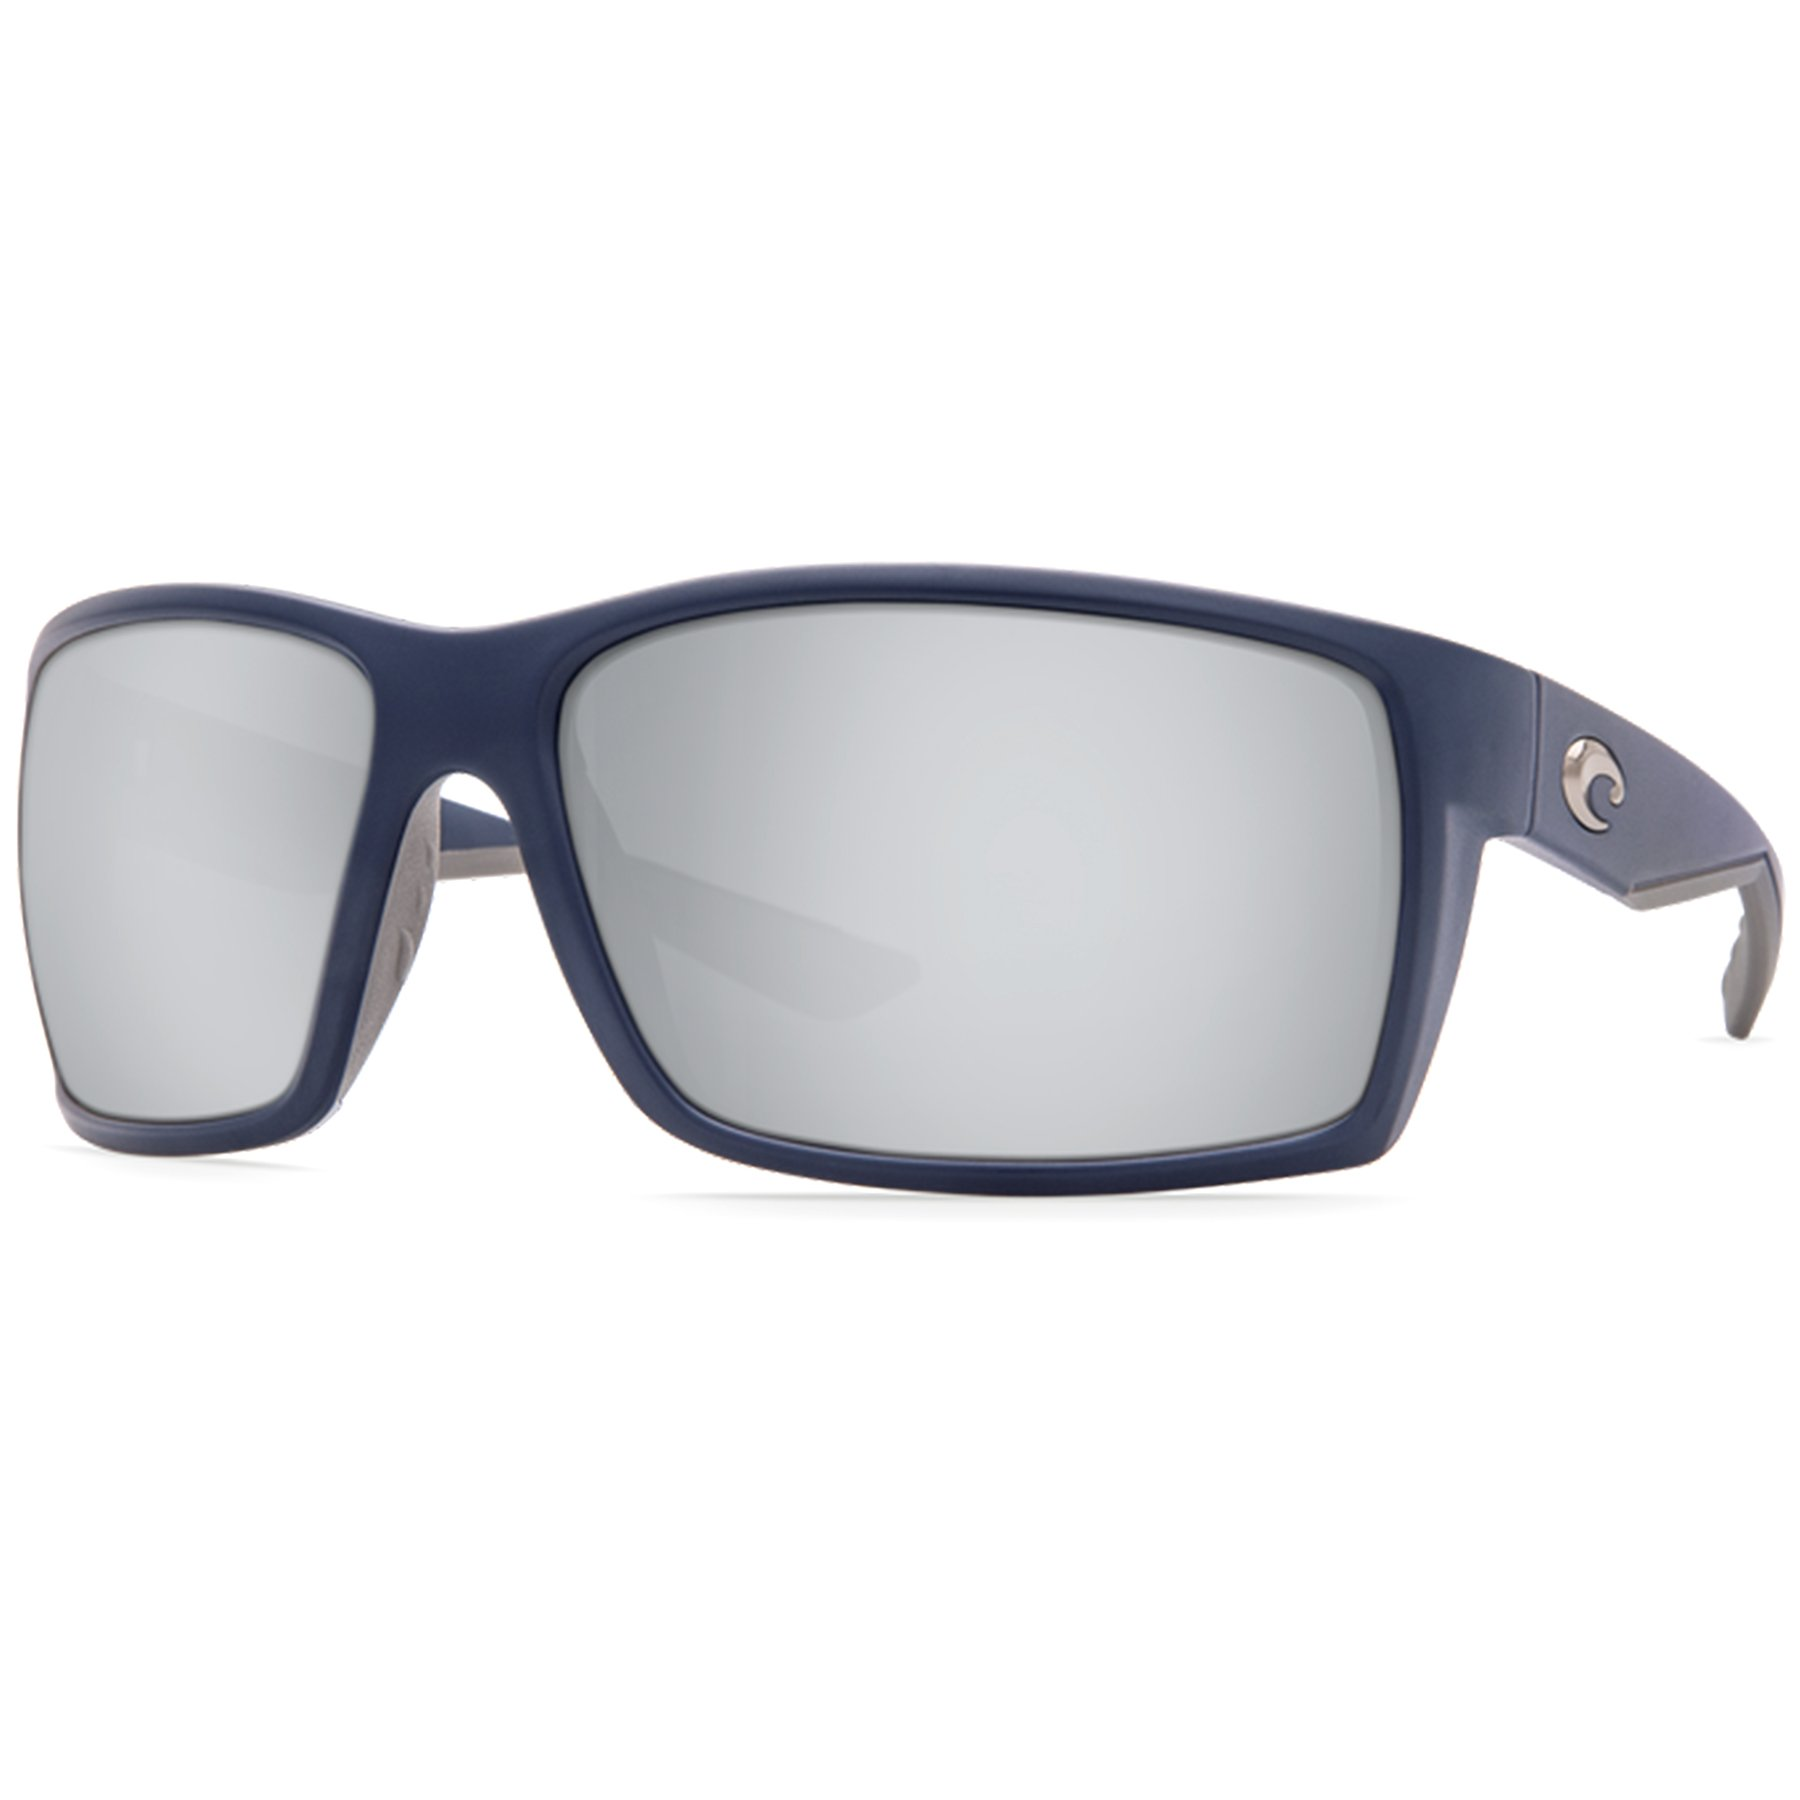 Costa Del Mar Reefton Sunglass, Matte Blue/Copper Silver Mirror 580Plastic